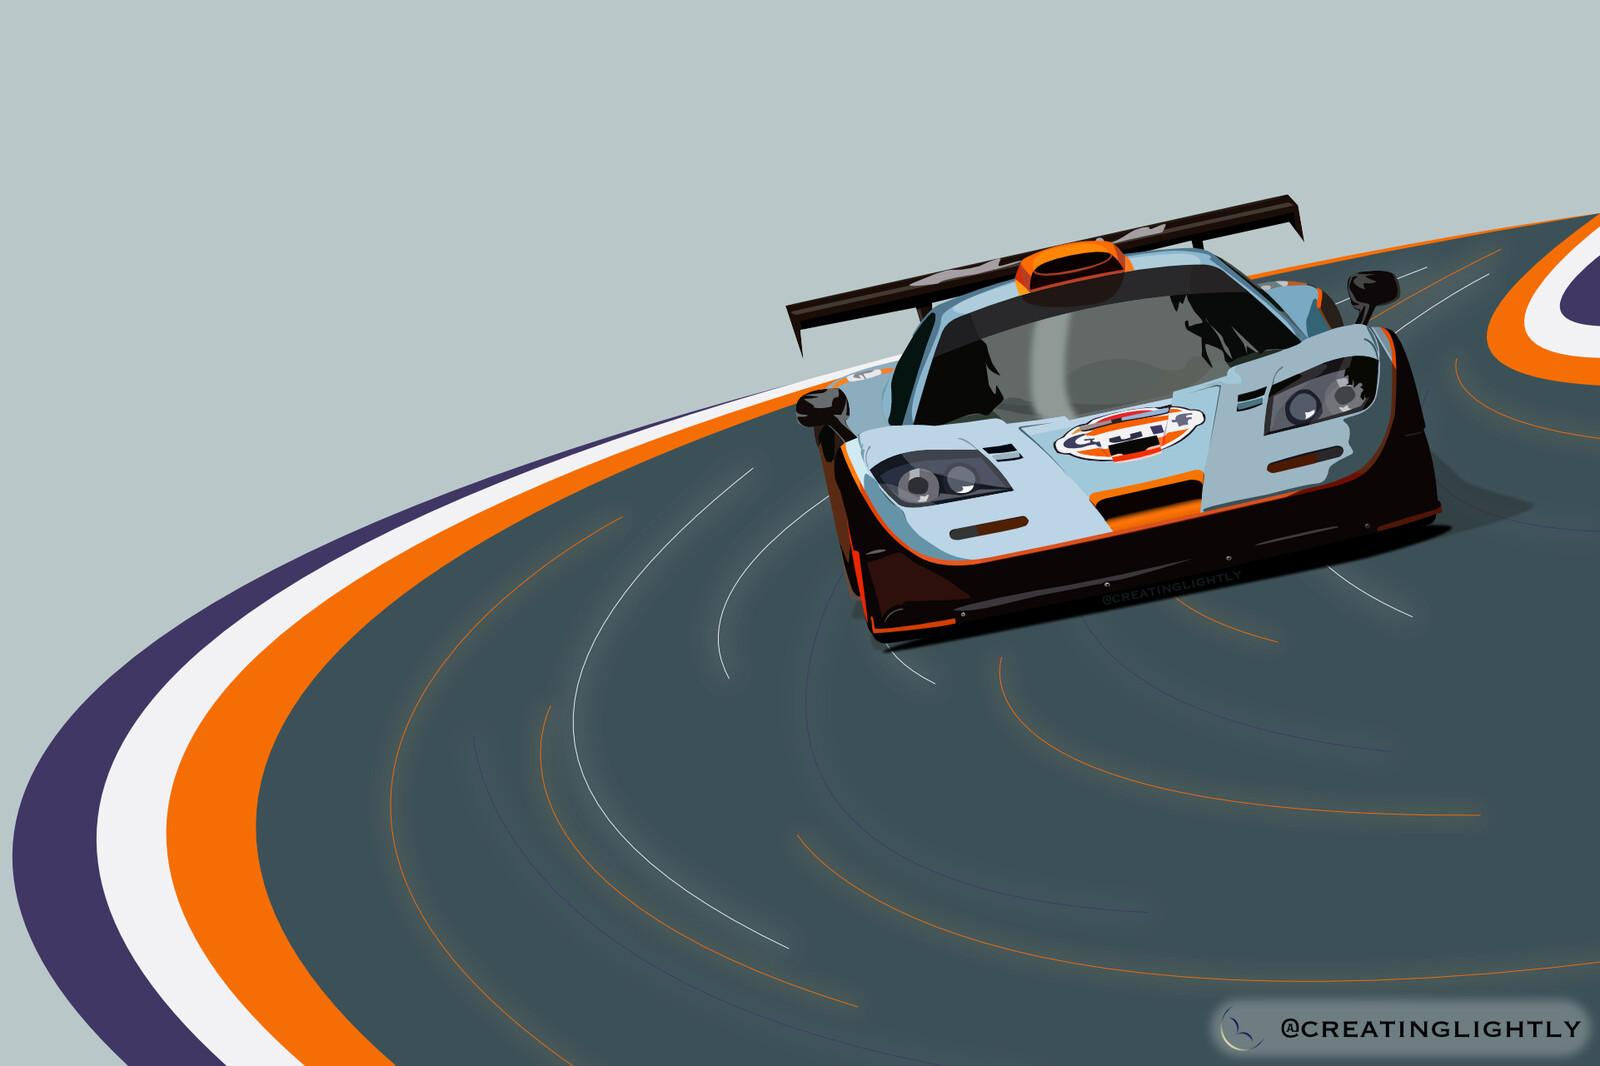 McLaren F1 GTR - Gulf Livery